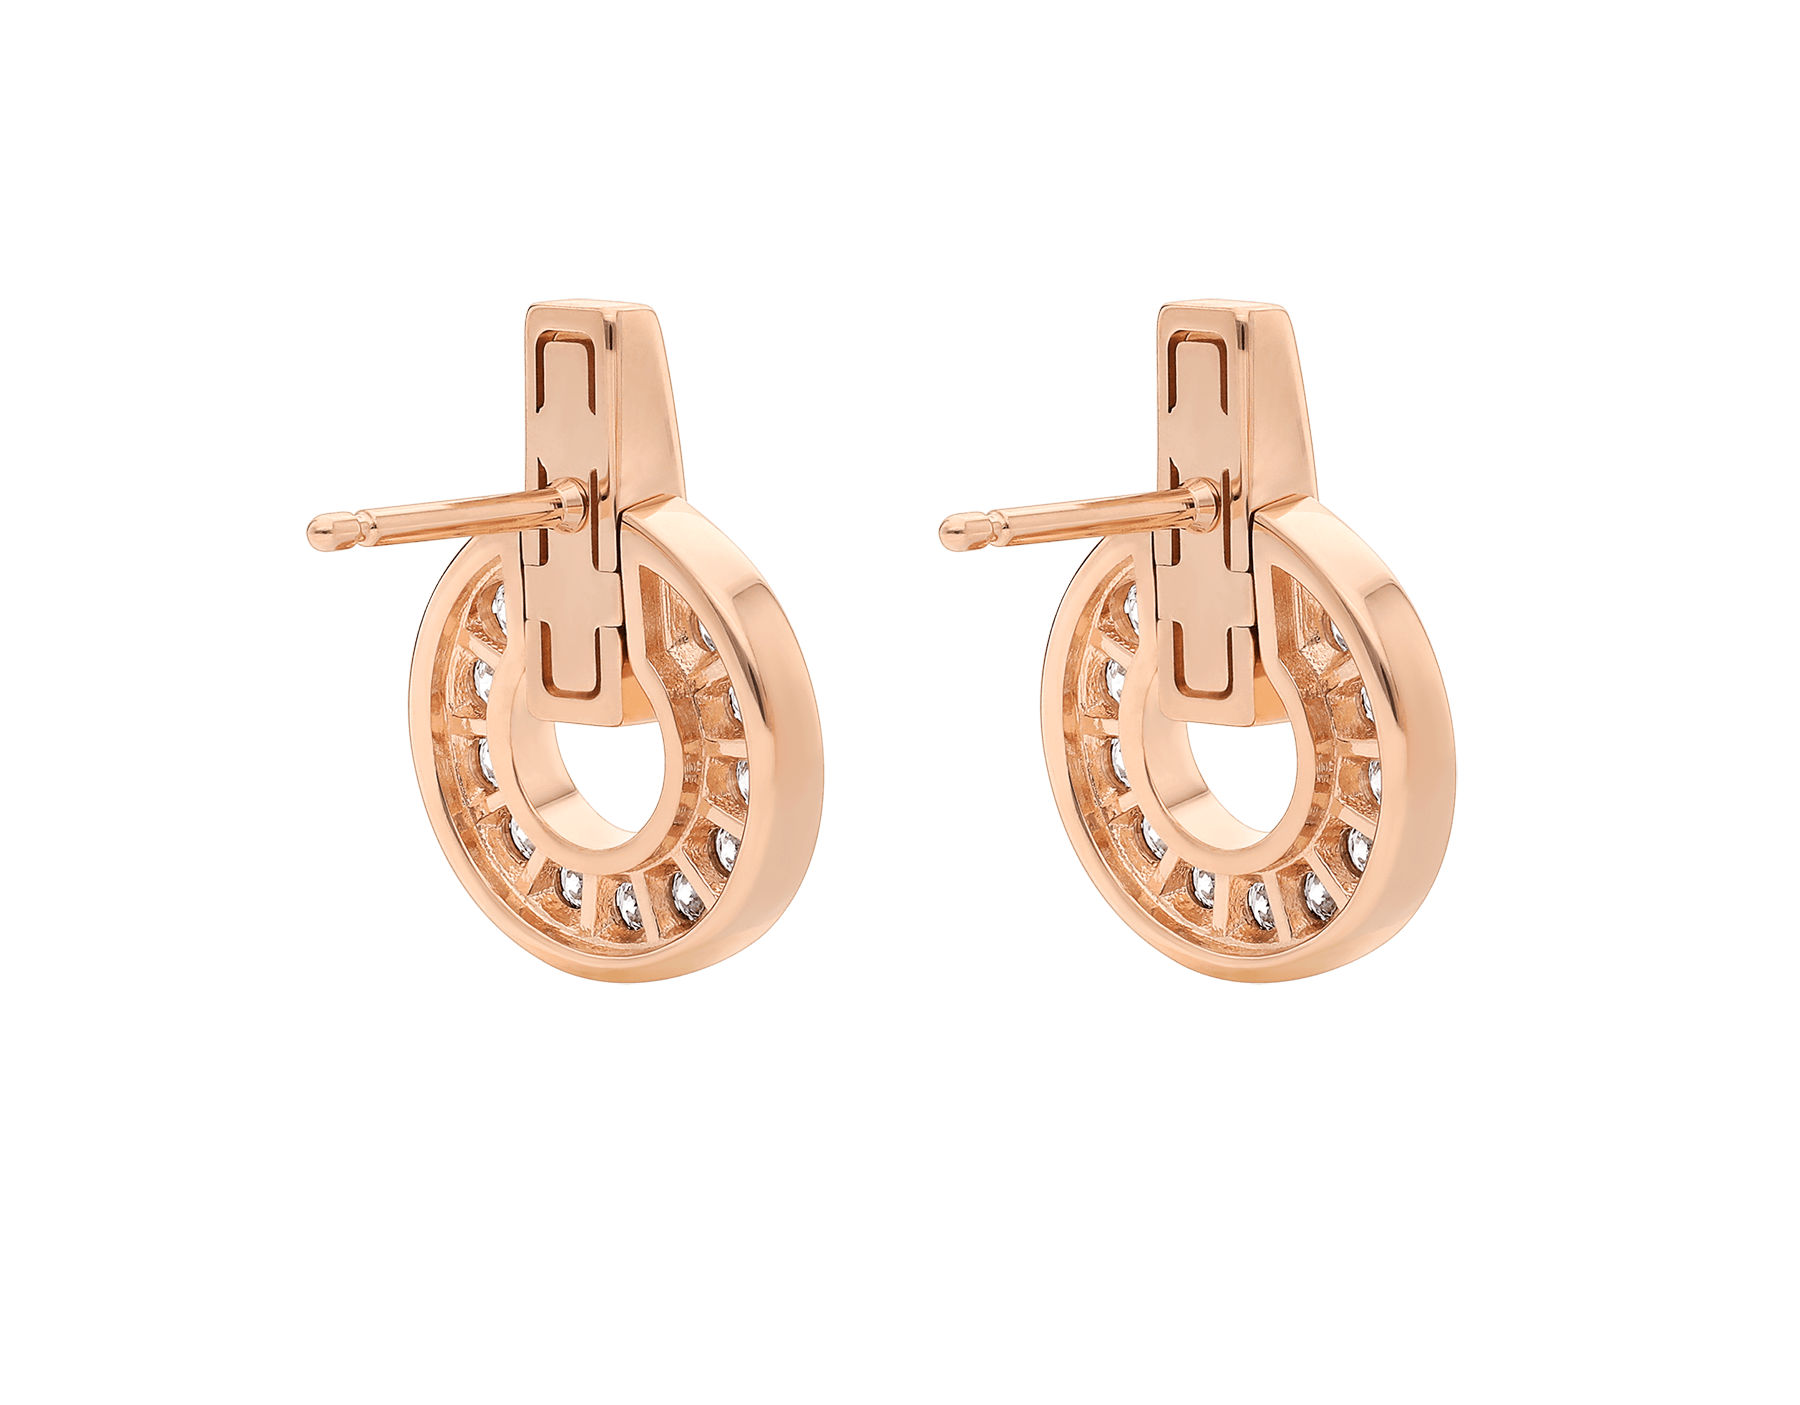 Brincos vazados BVLGARI BVLGARI em ouro rosa 18K completamente cravejados com pavê de diamantes 357318 image 3